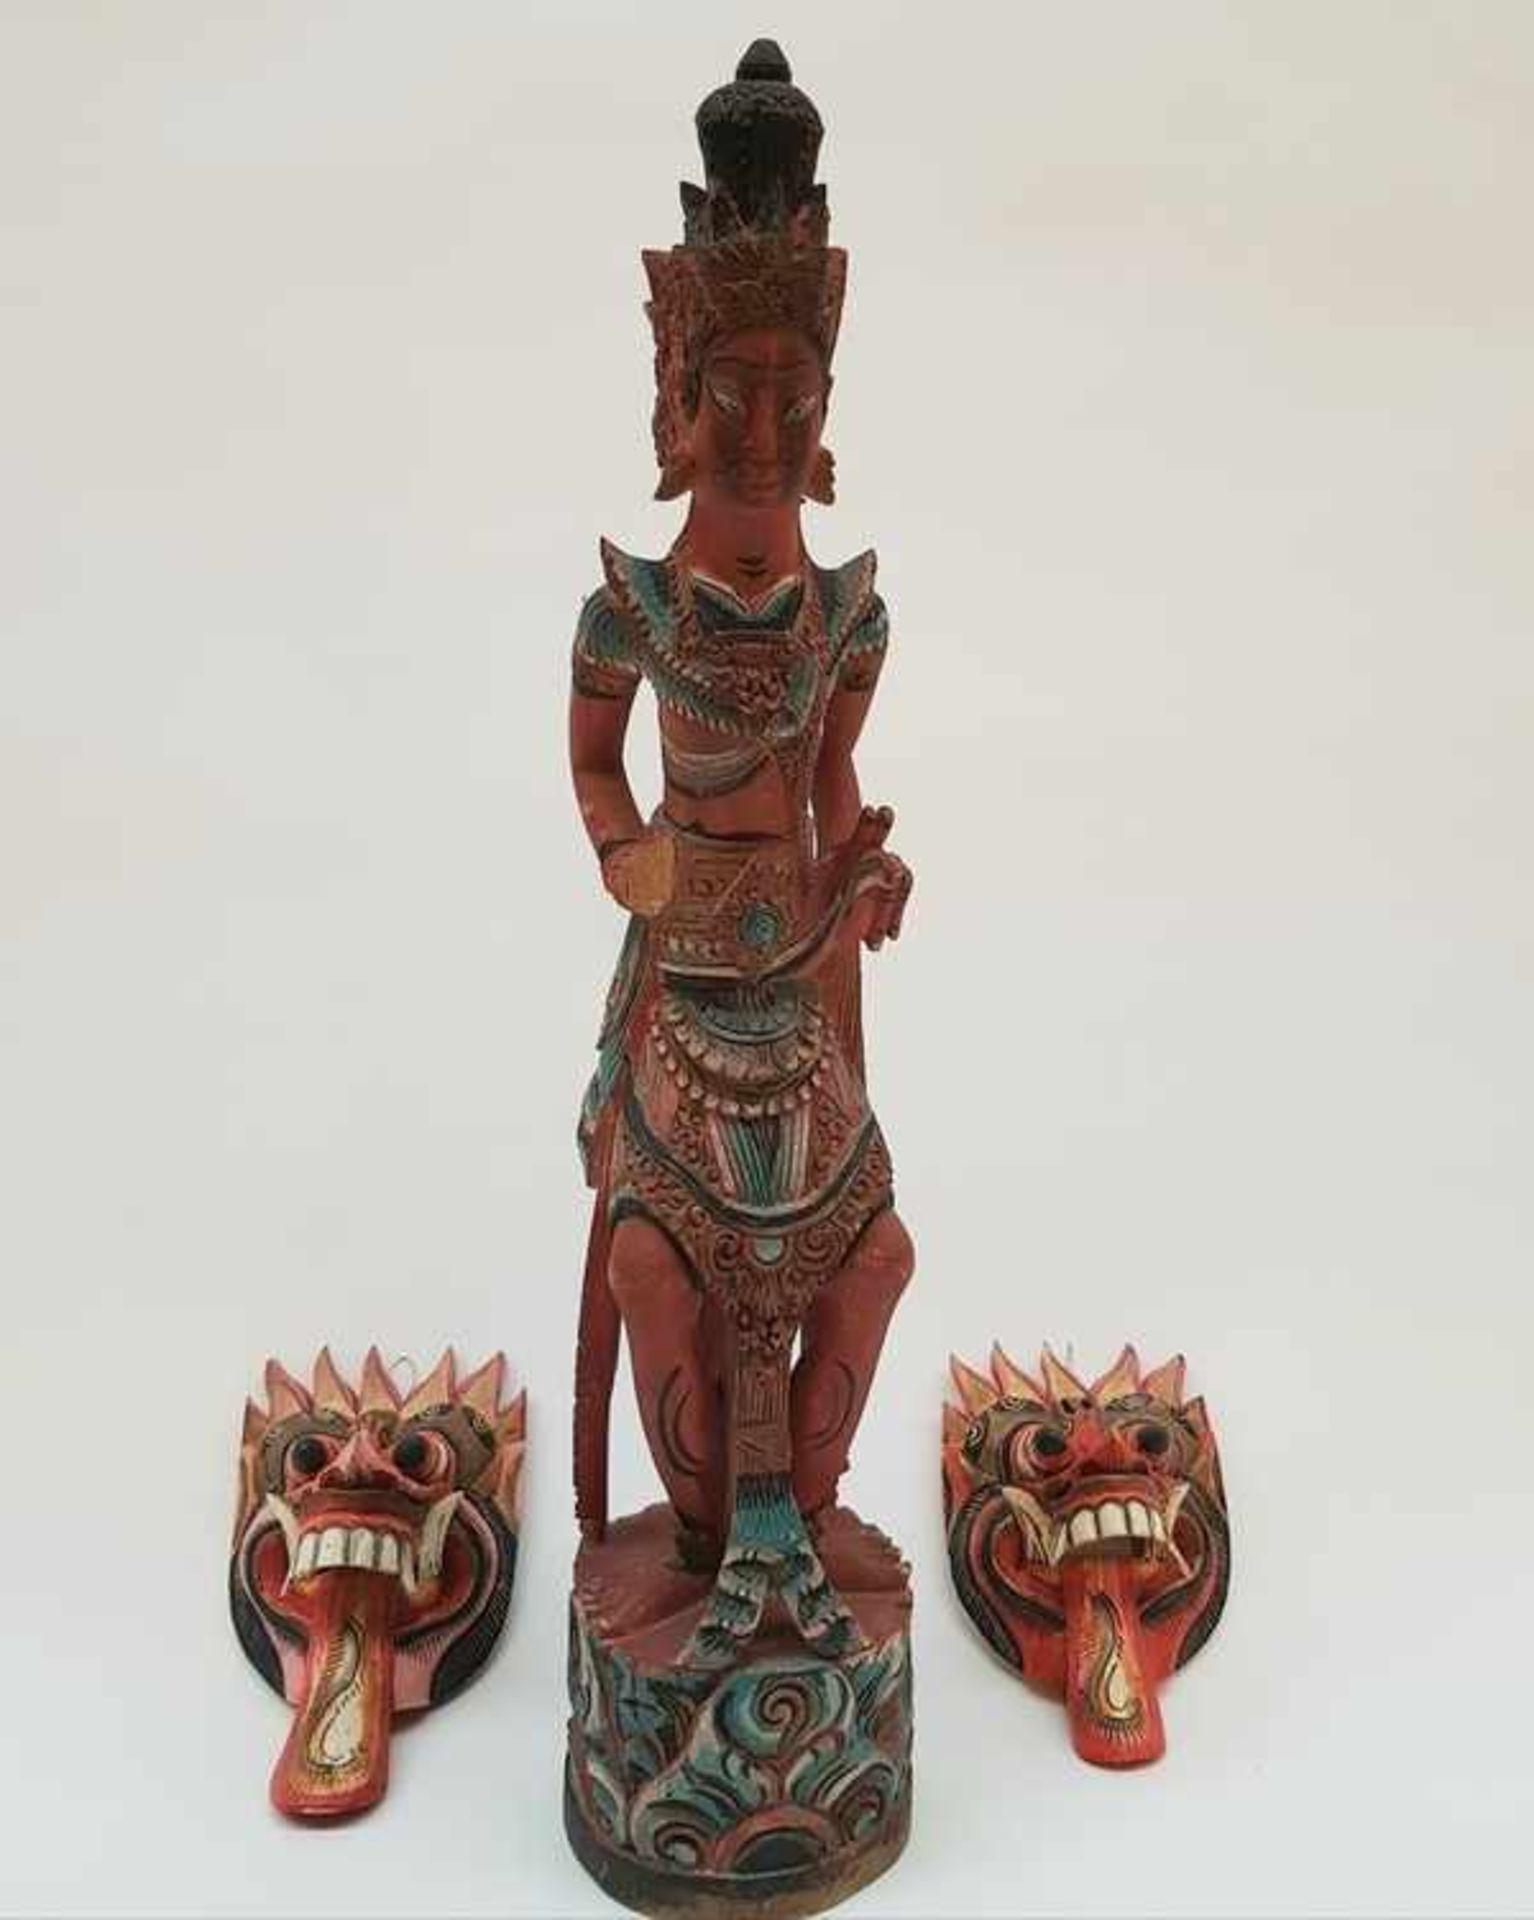 (Etnografica) Houten beelden en maskers, IndonesiÌÇ / Bali 20e eeuw<b